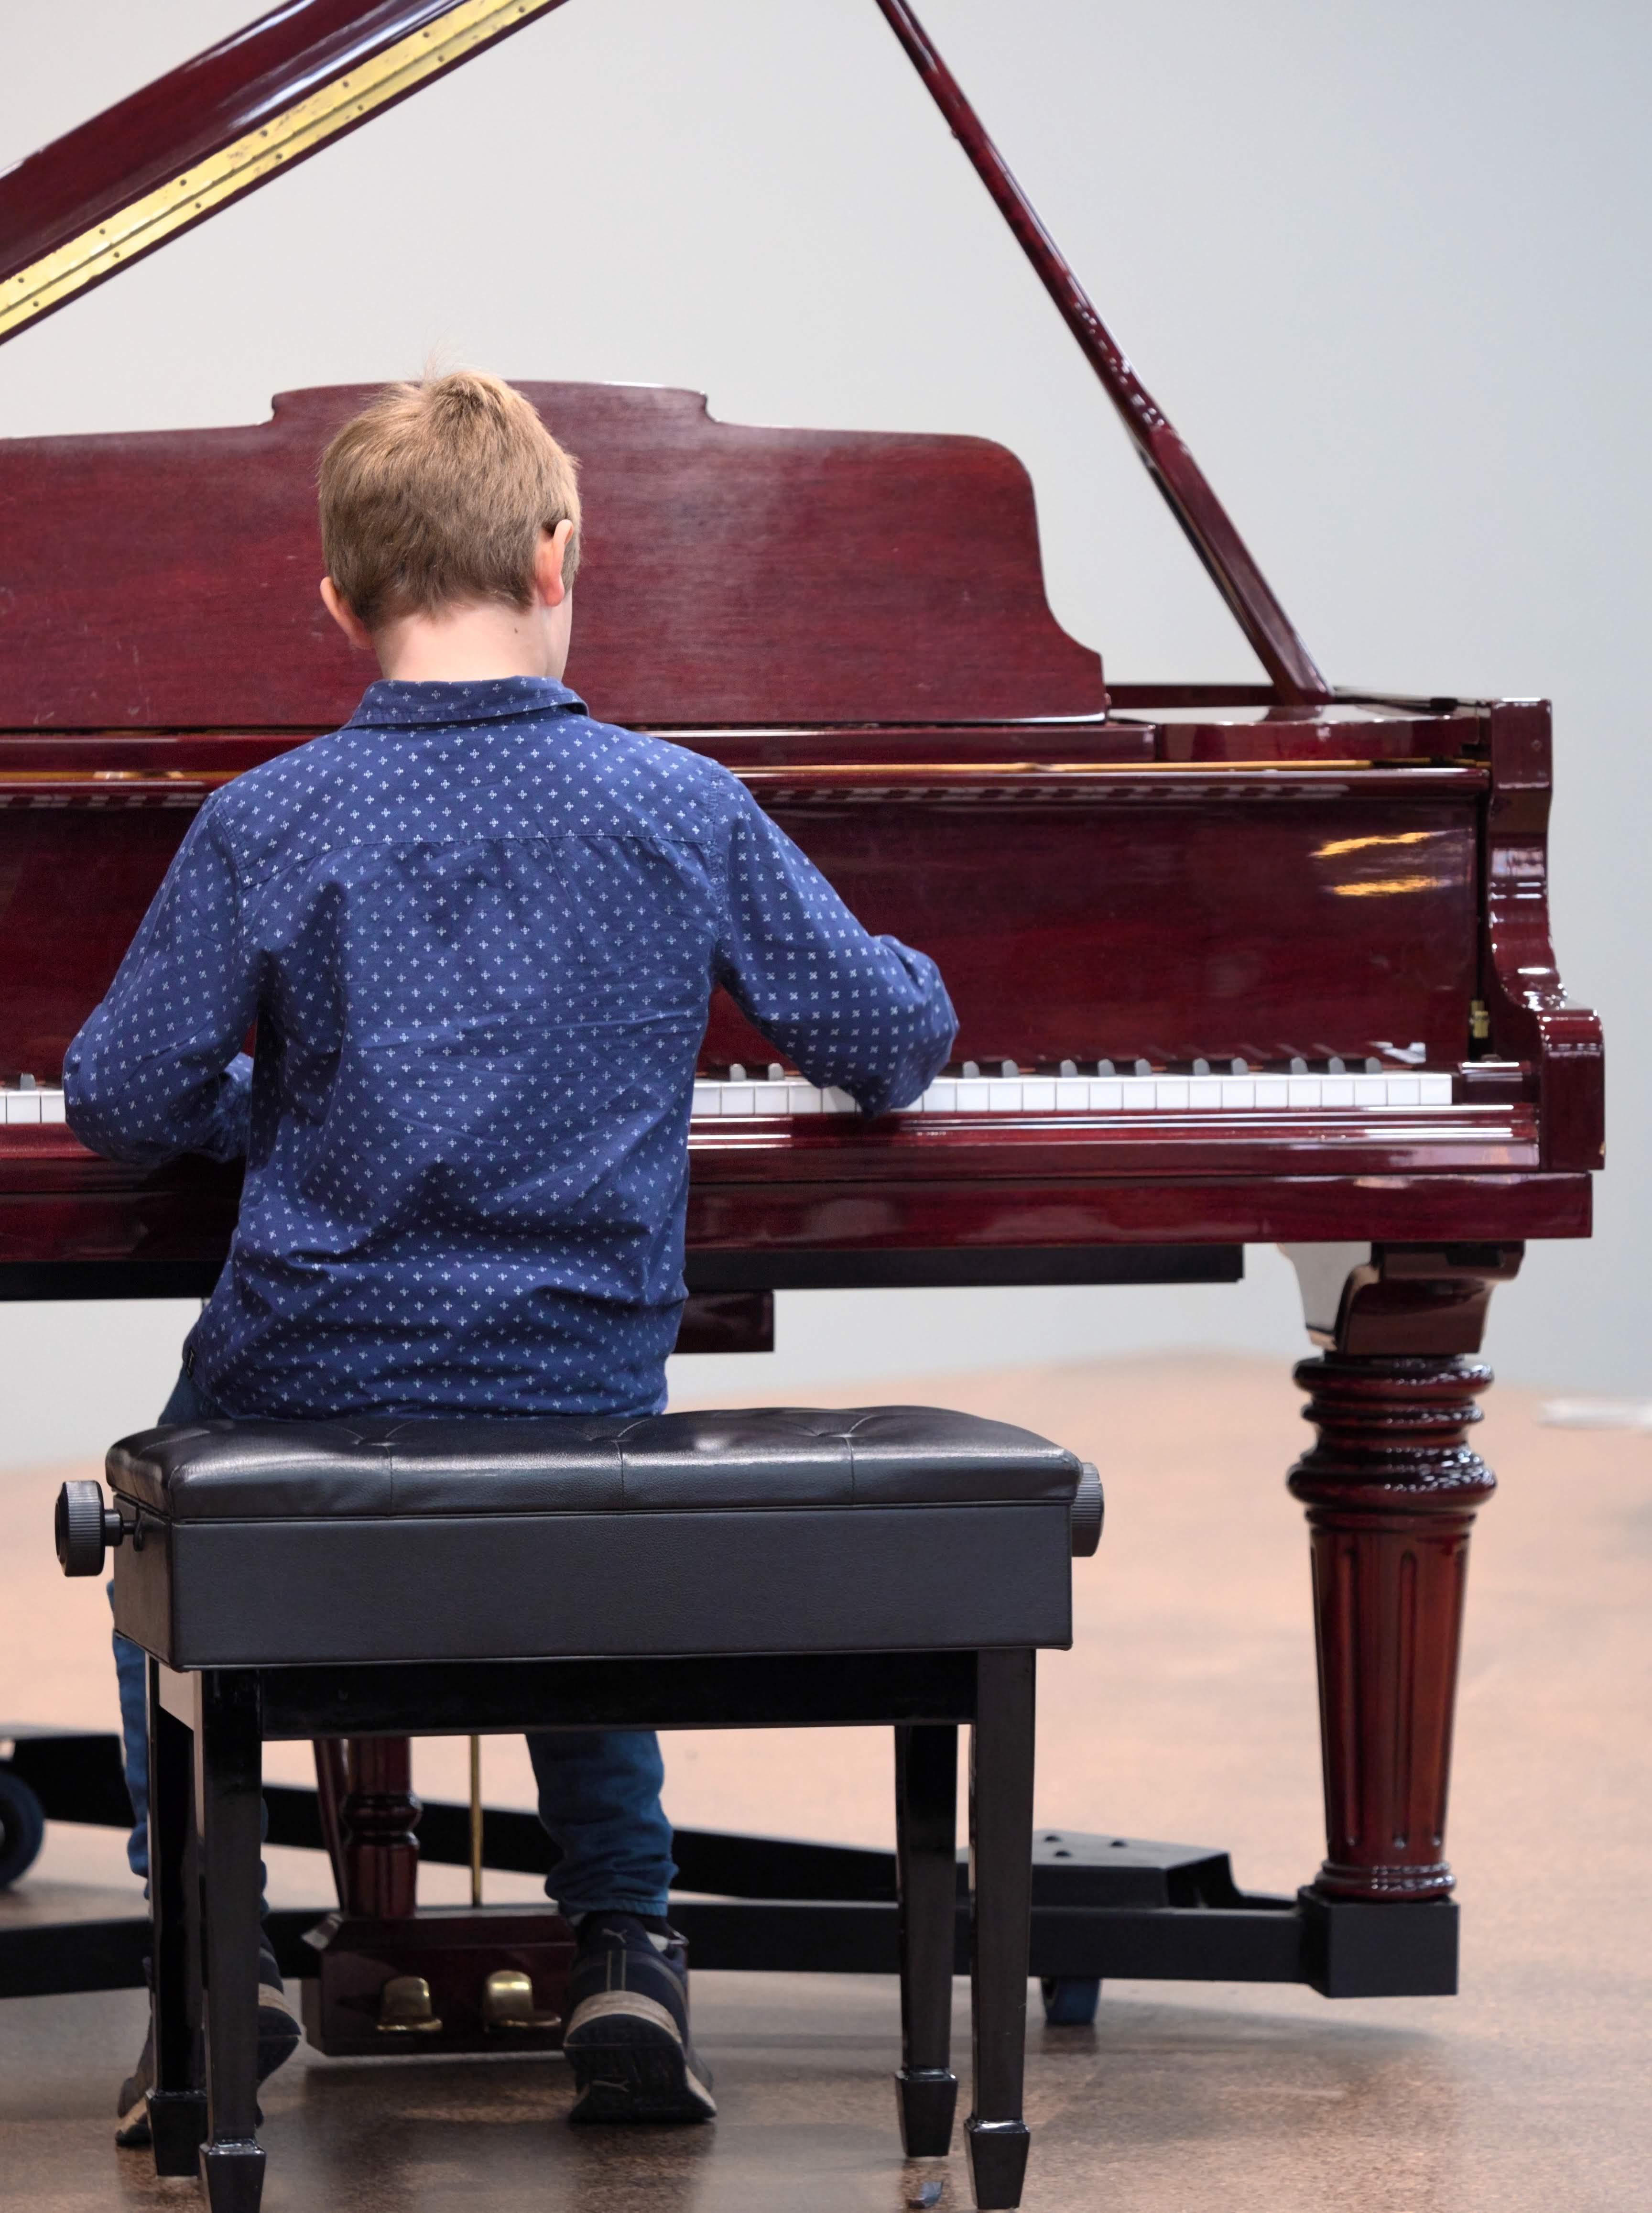 WGE Pianoforte Day 1 Reggie Read Plays the Piano